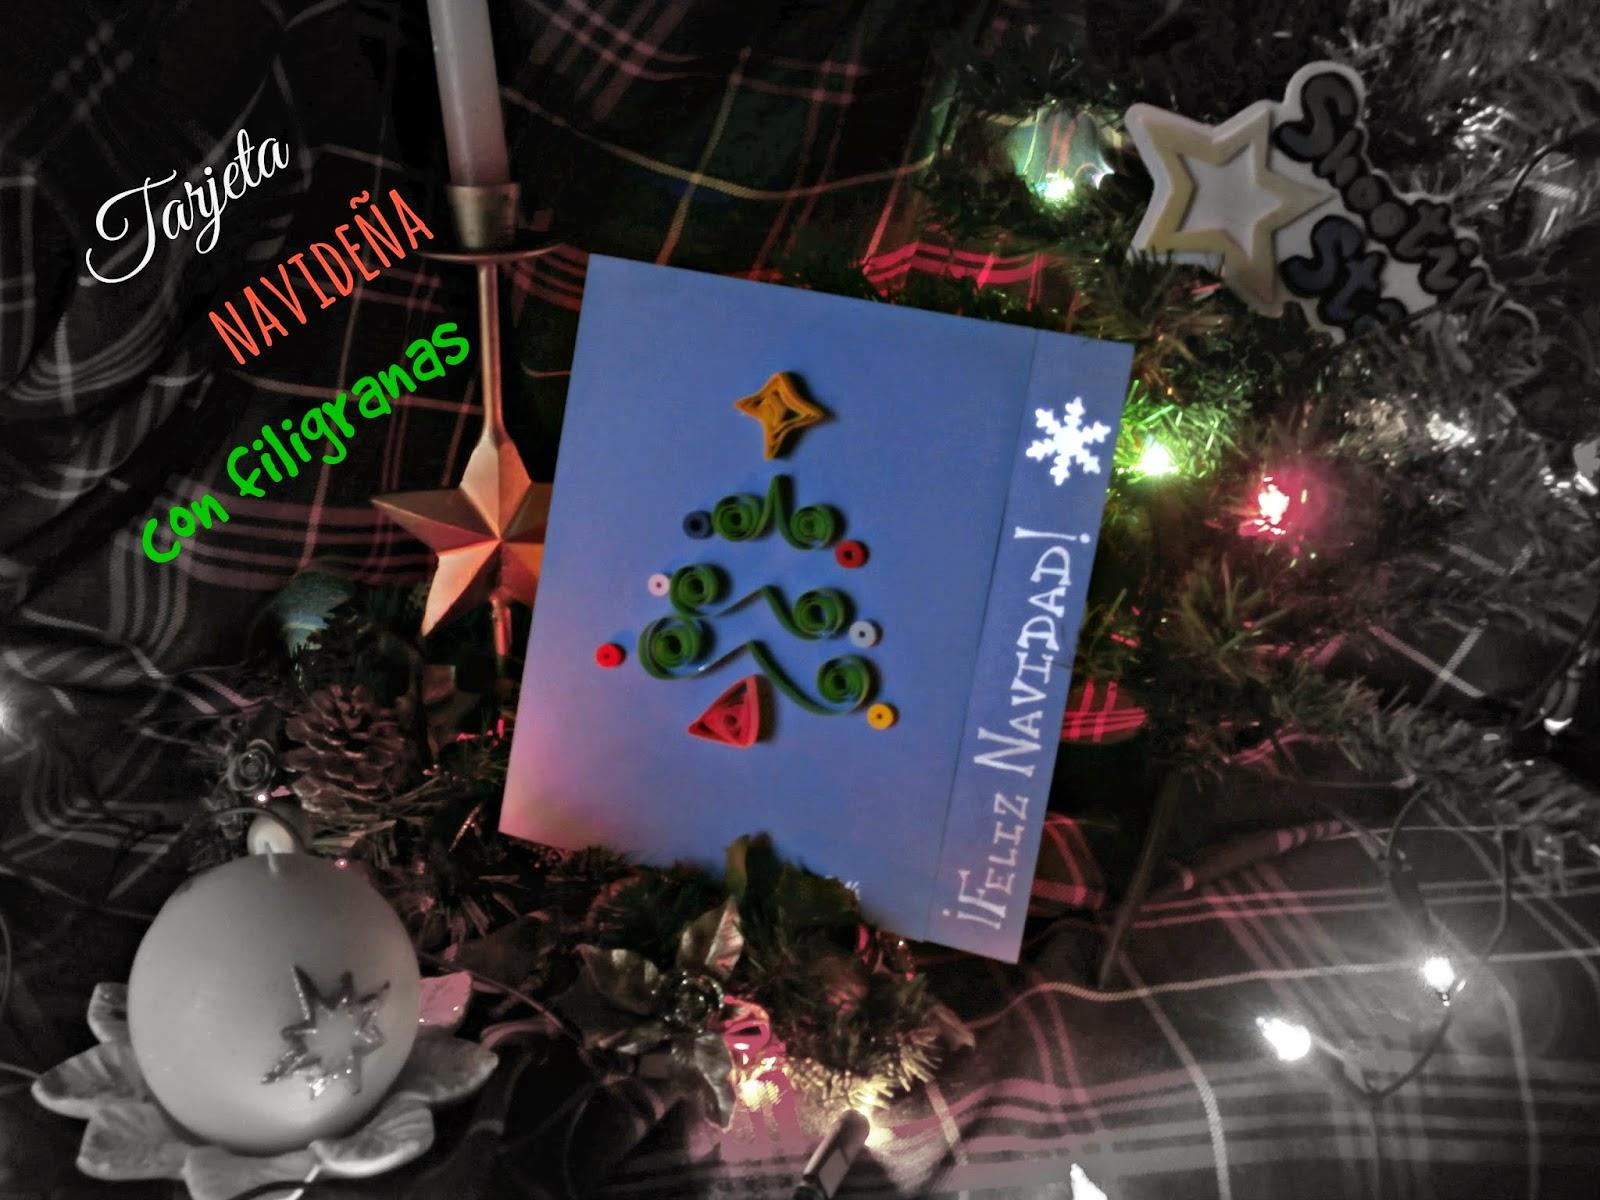 DIY tarjeta navideña con filigrana